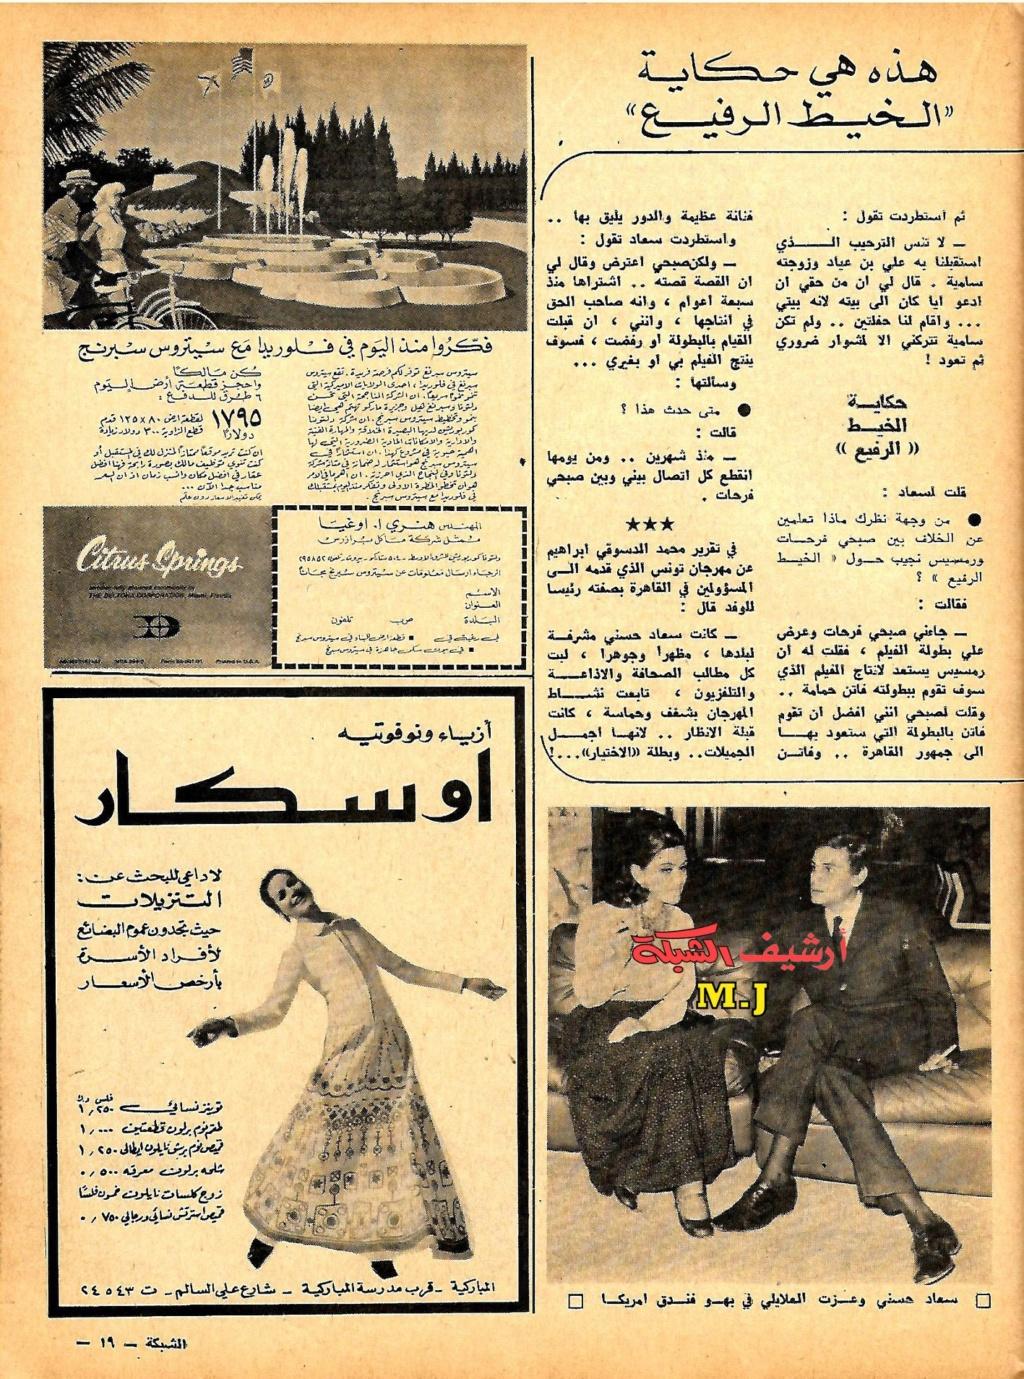 حوار صحفي : سعاد حسني .. نفرتيتي في مهرجان تونس 1970 م 410